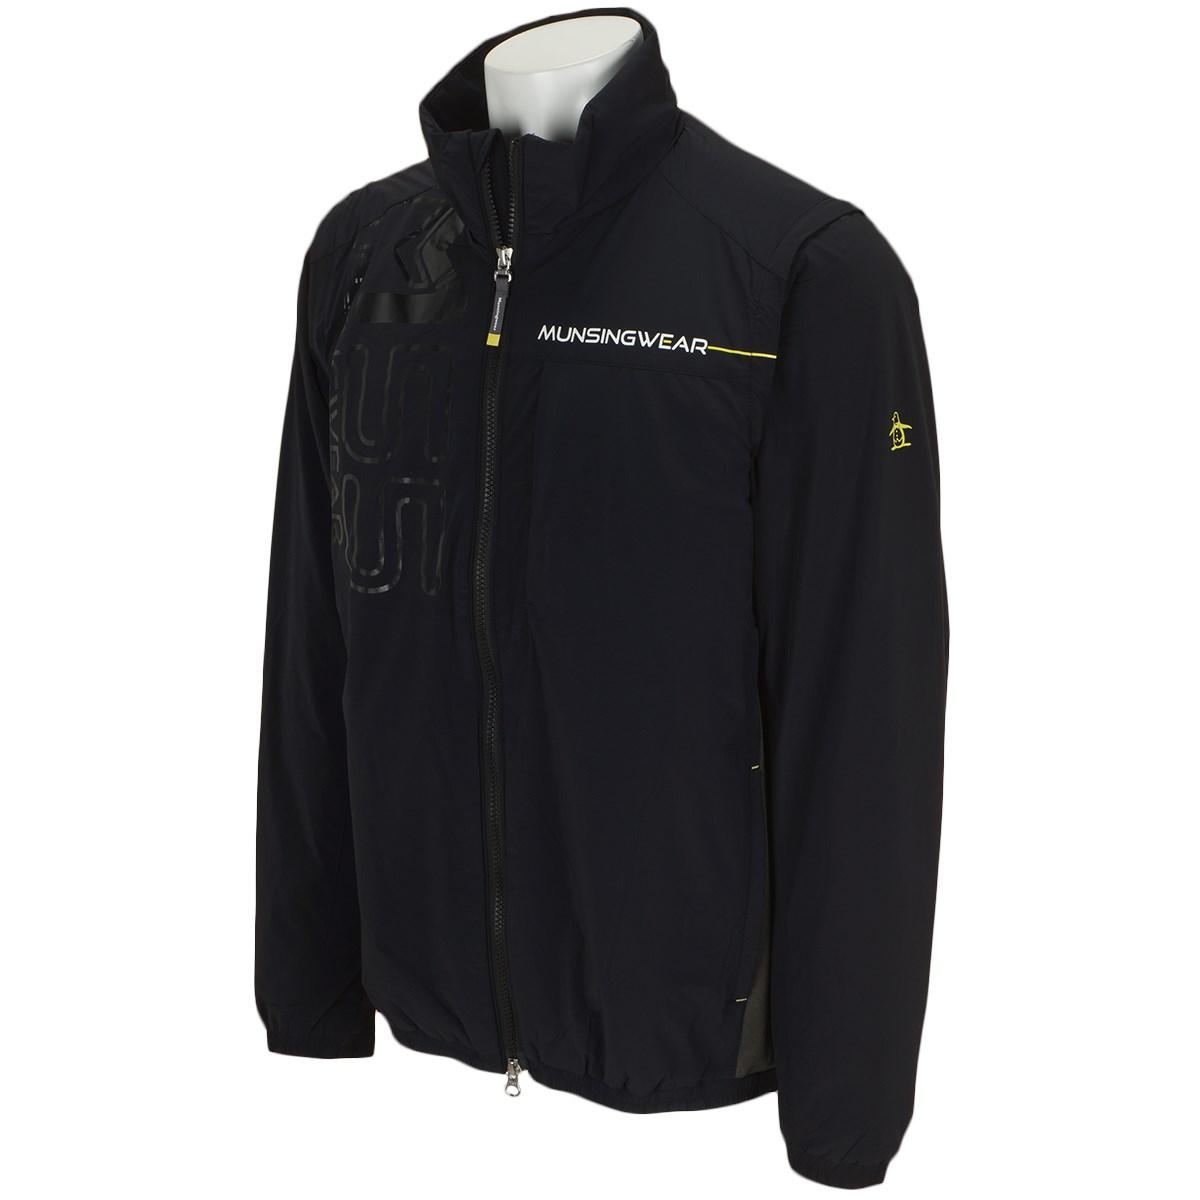 マンシングウェア Munsingwear ストレッチ 中綿ヒートナビ ブルゾン M ブラック 00